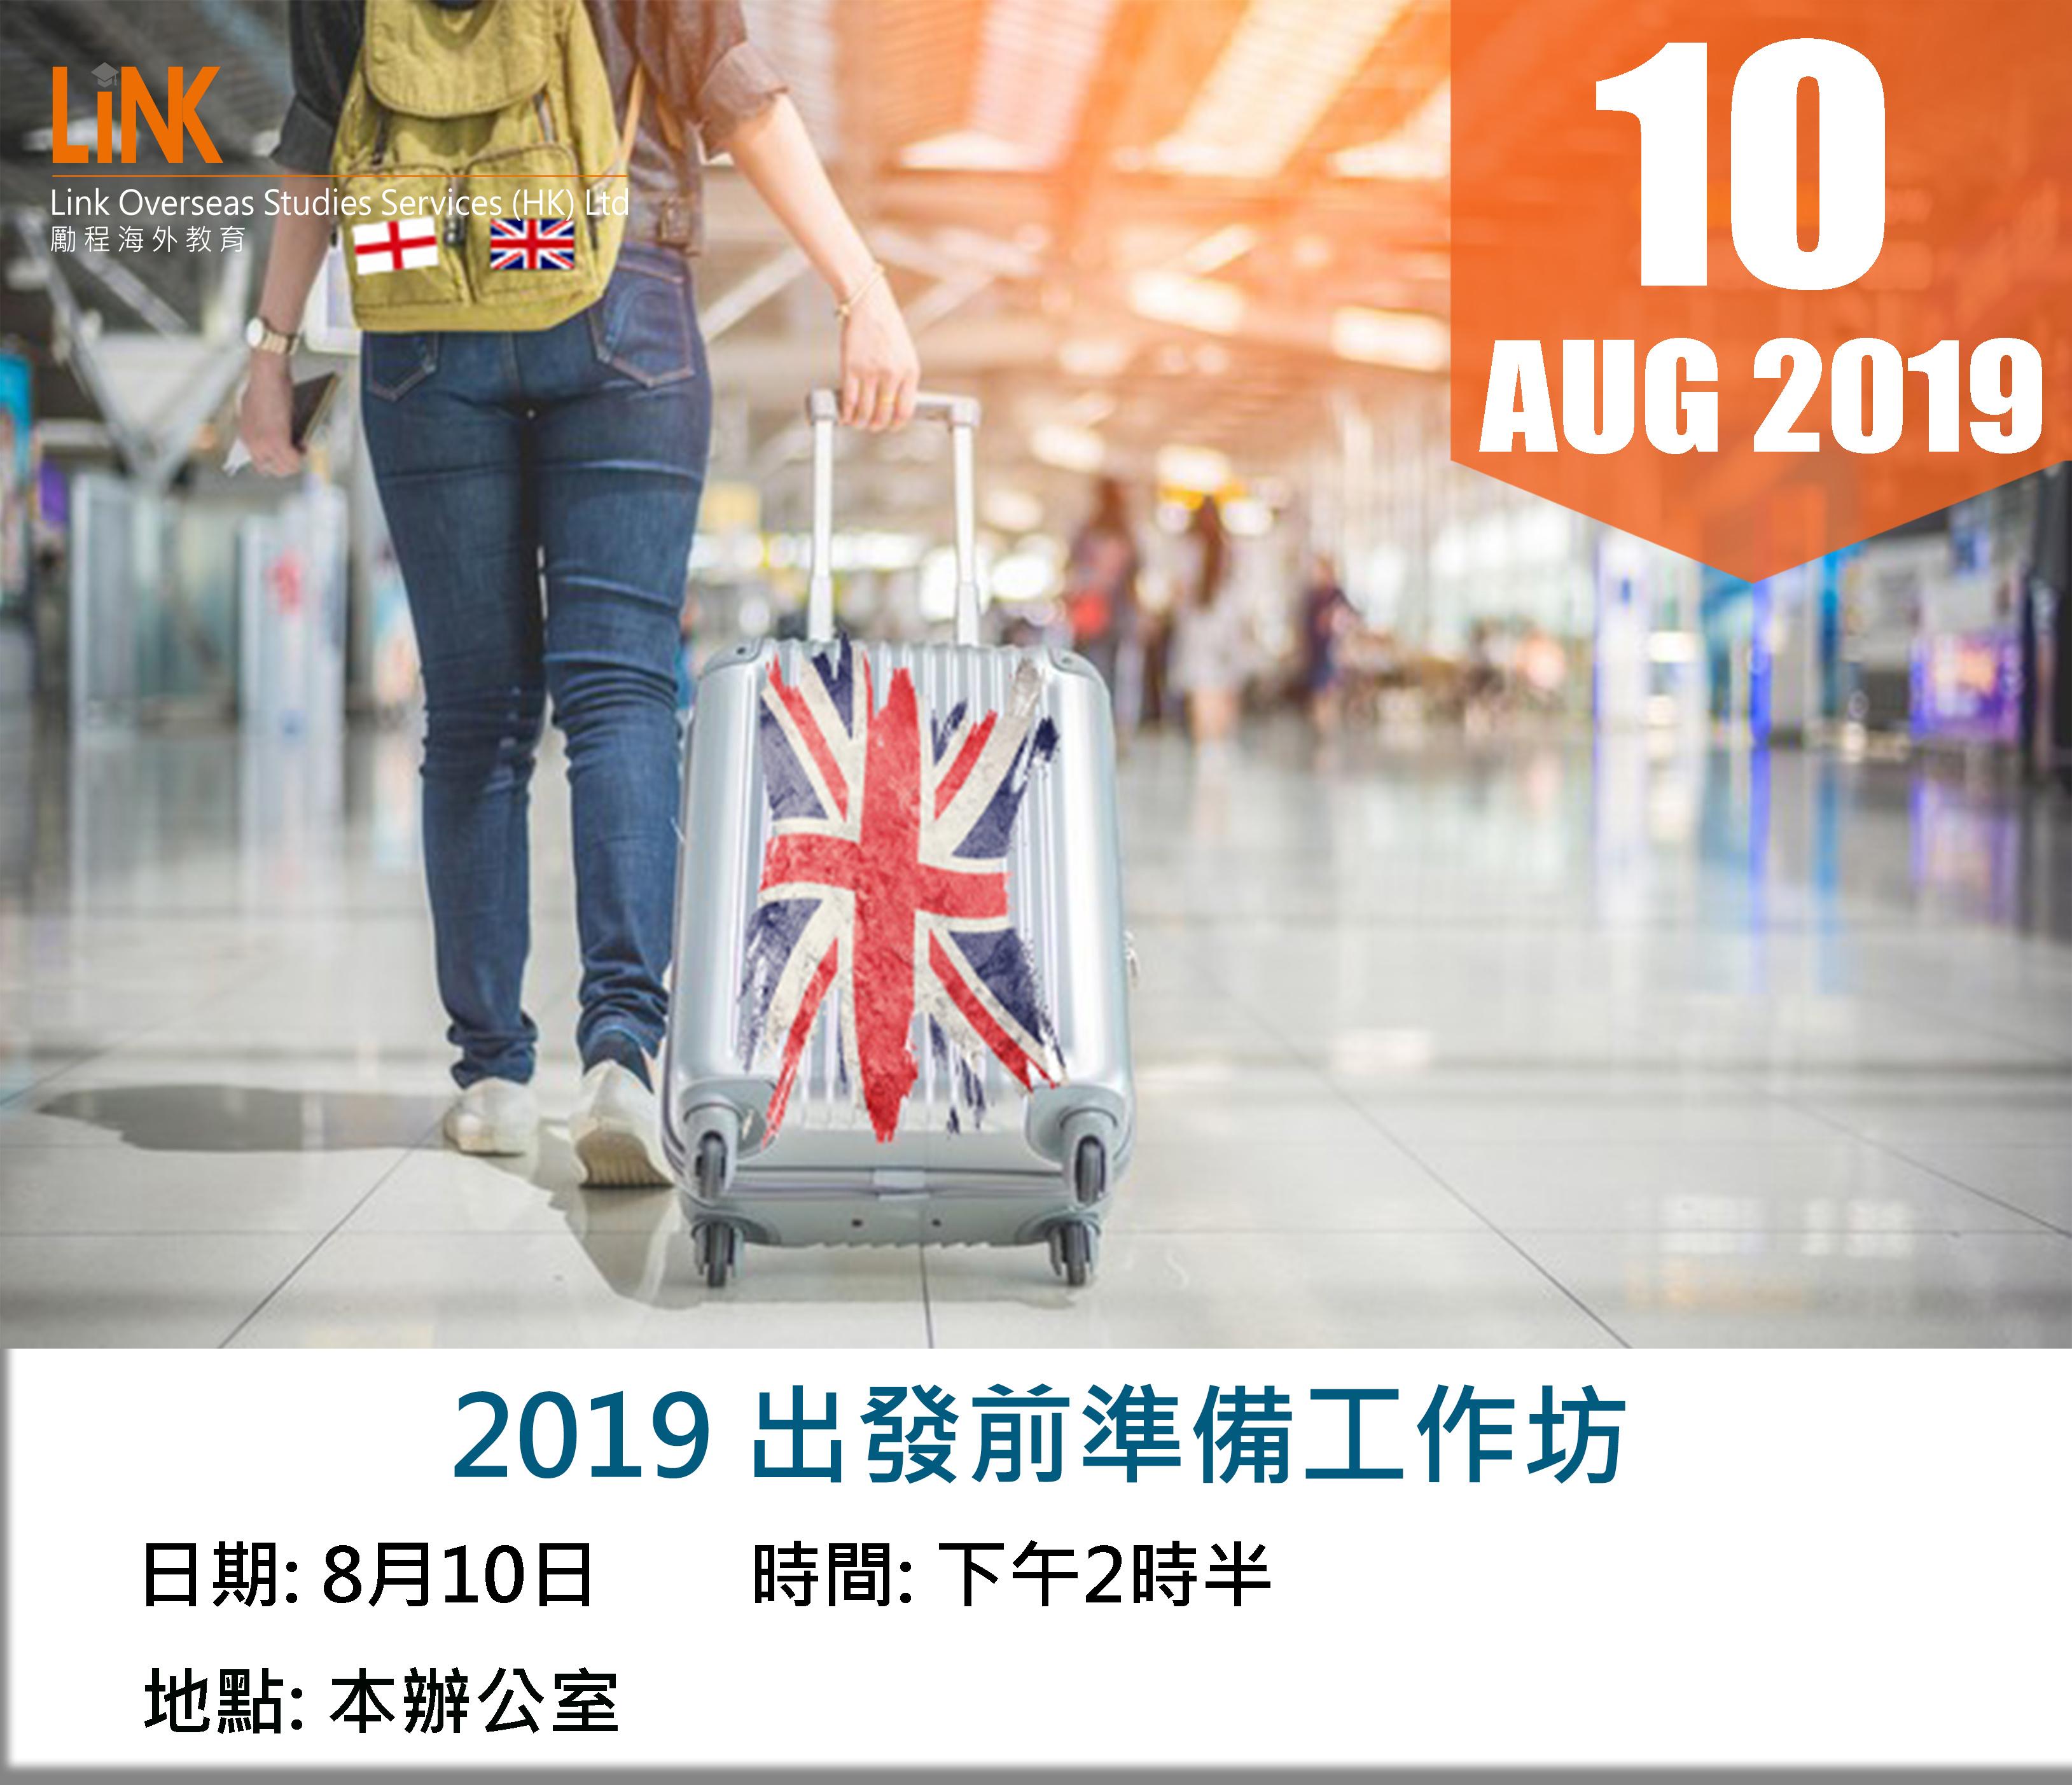 2019 Pre Departure_10 Aug